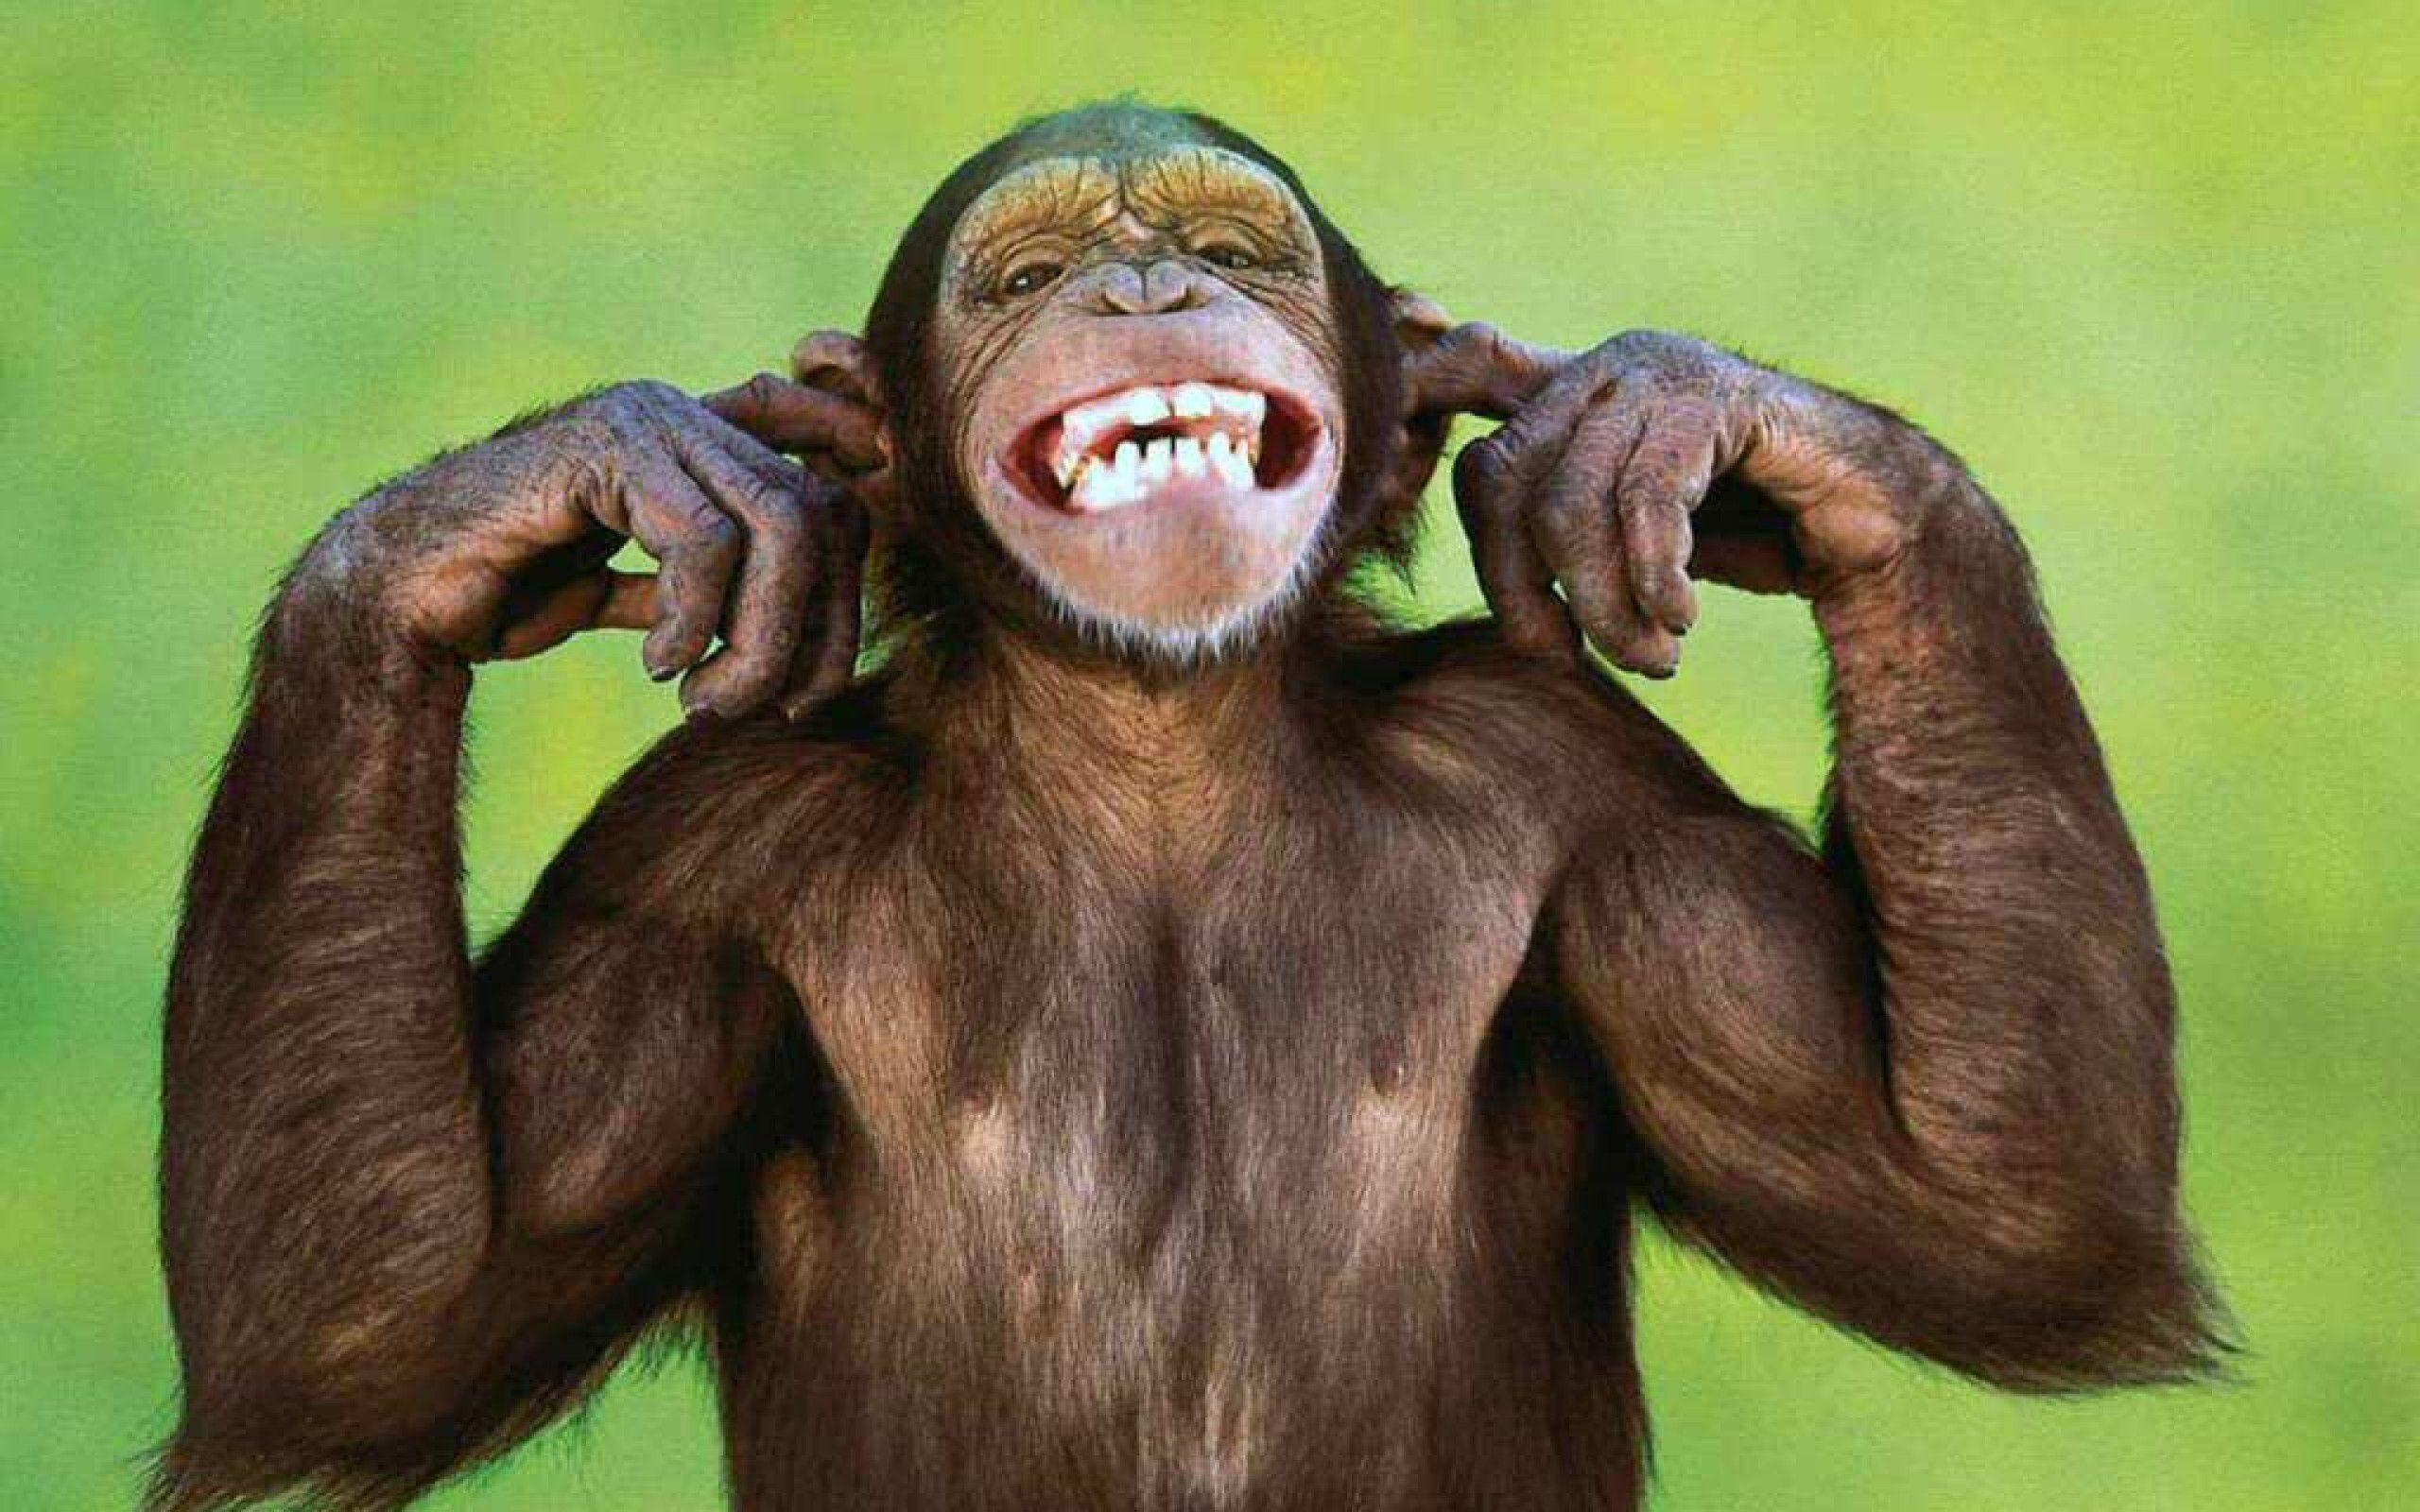 حيوانات المرسال Monkeys-are-very-voc